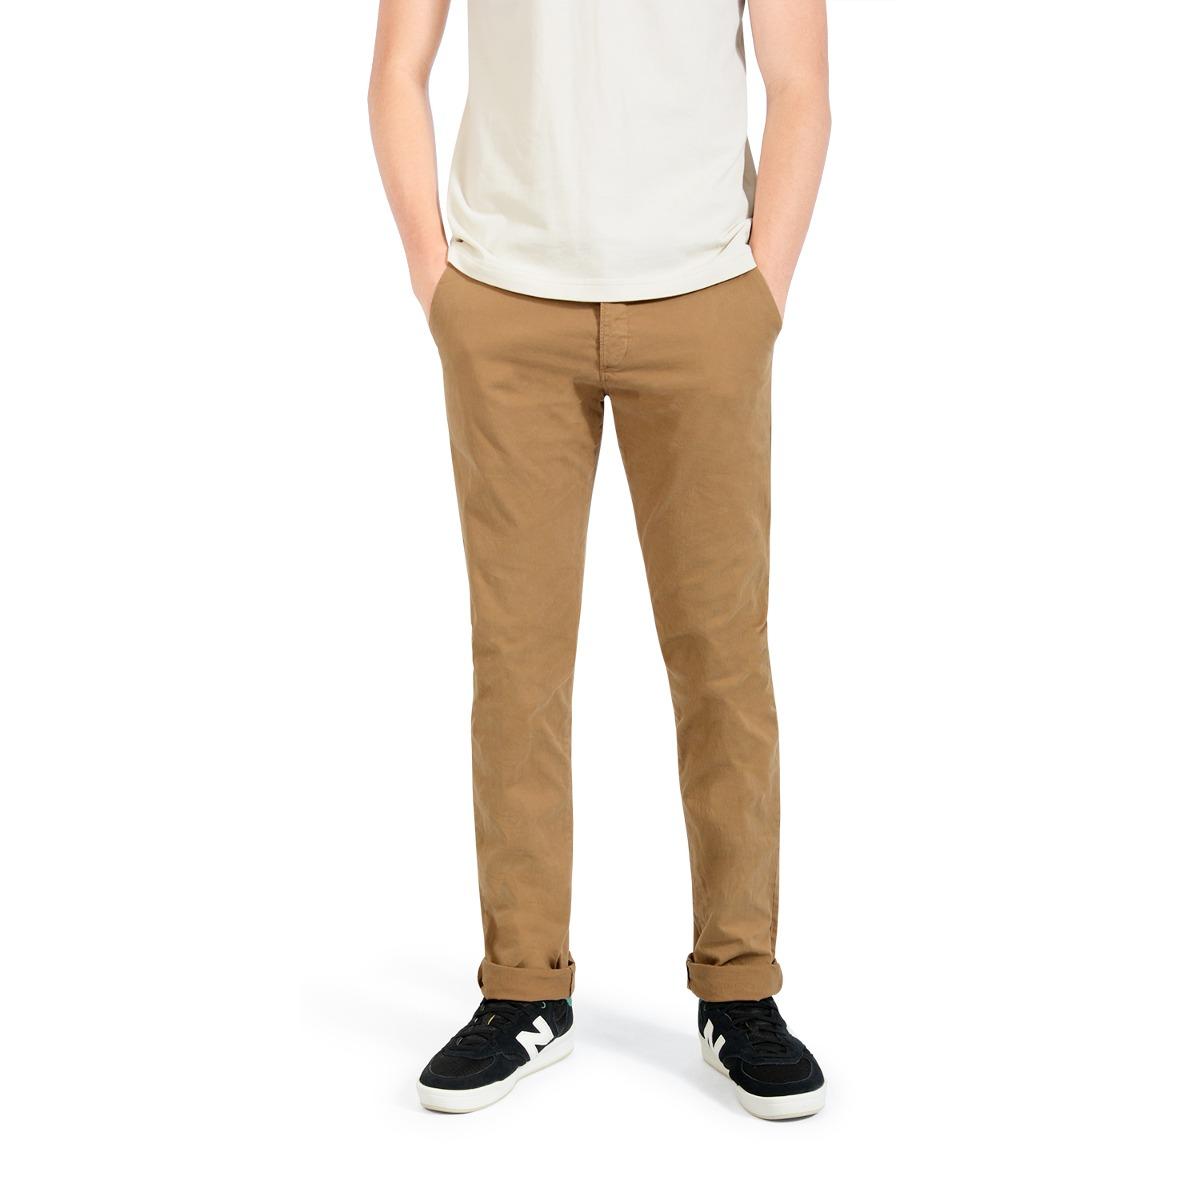 86bf5a64e5c90 Pantalon Cavalier Color Siete Para Hombre - Cafe -   169.900 en ...